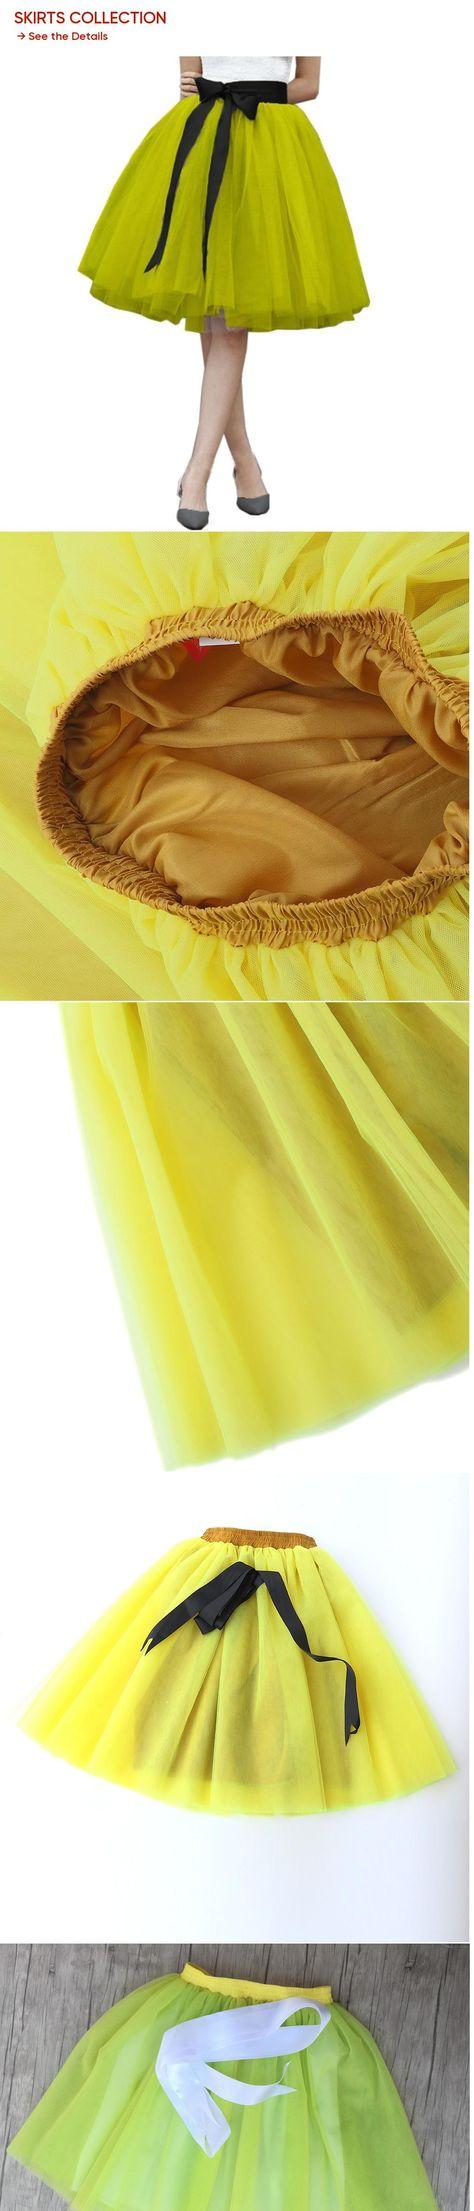 e30052aa1c Custom Made Fashion 7 Layers yellow Tulle Skirt Bow Vintage Tutu Pleated  Skirts Womens Lolita Petticoat falda Mujer saia jupe